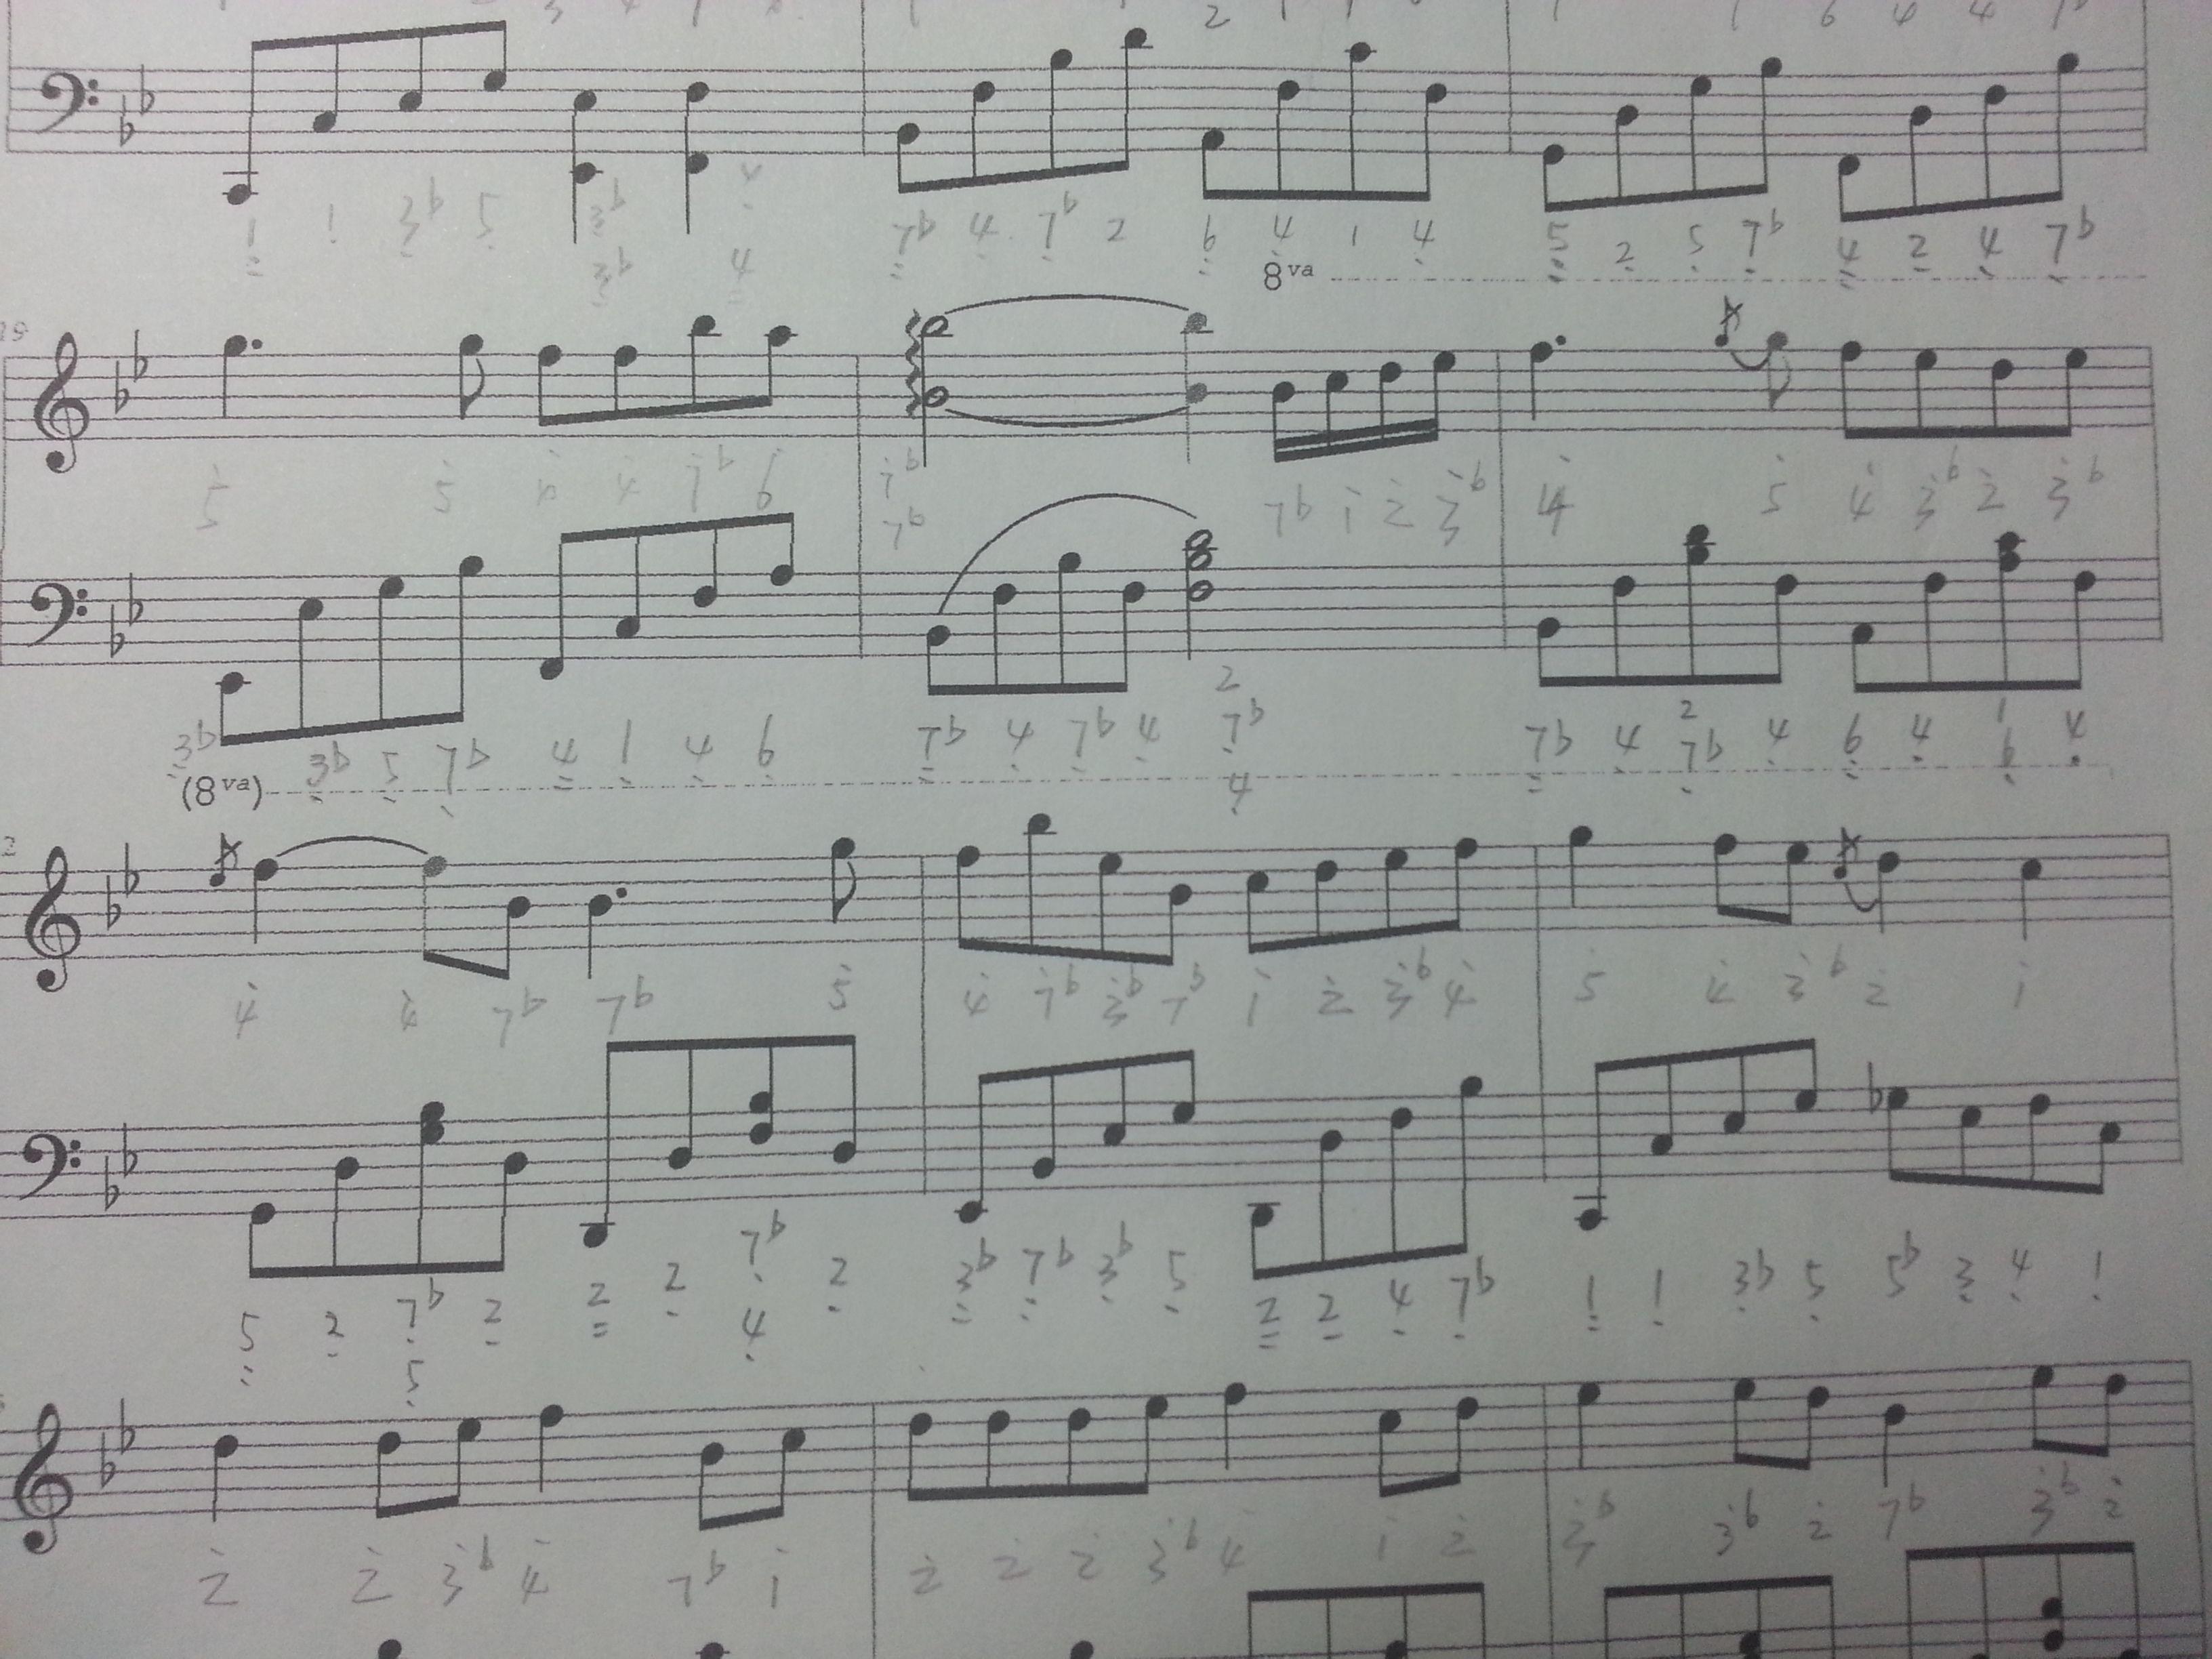 关于钢琴谱子的问题:8va是什么意思